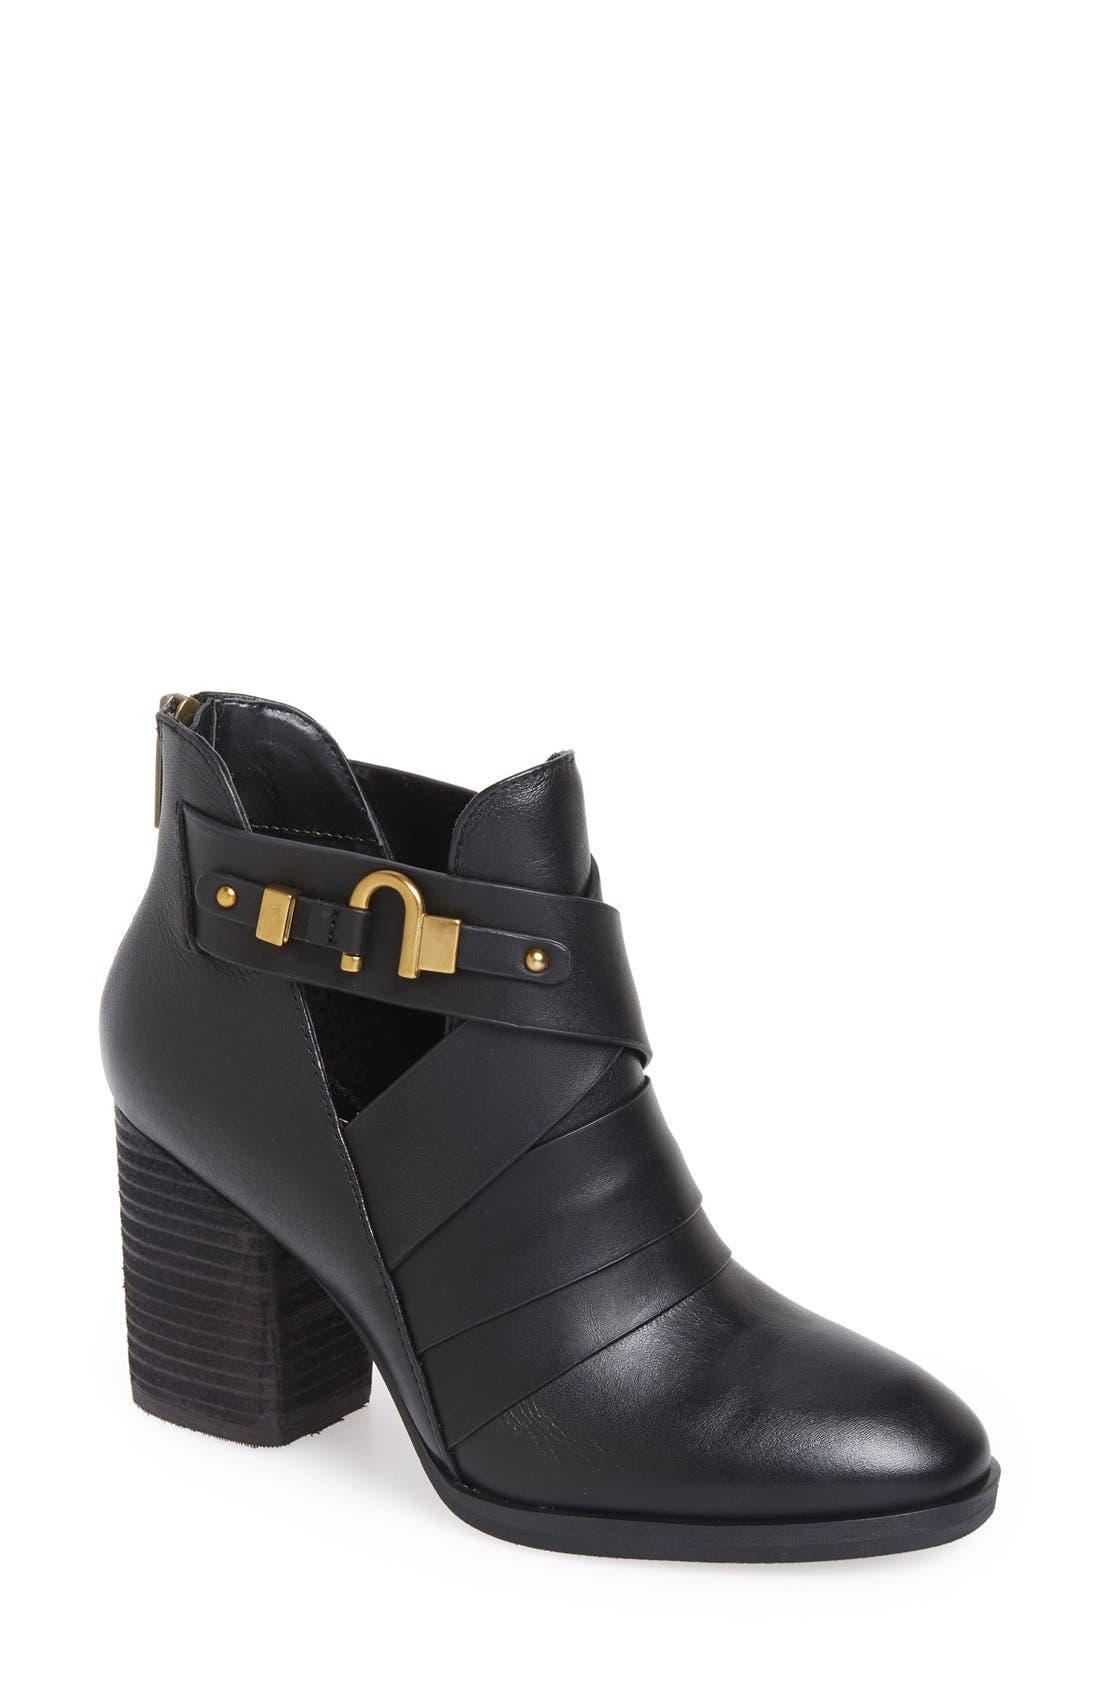 Alternate Image 1 Selected - Isolà 'Ladora' Block Heel Bootie (Women)